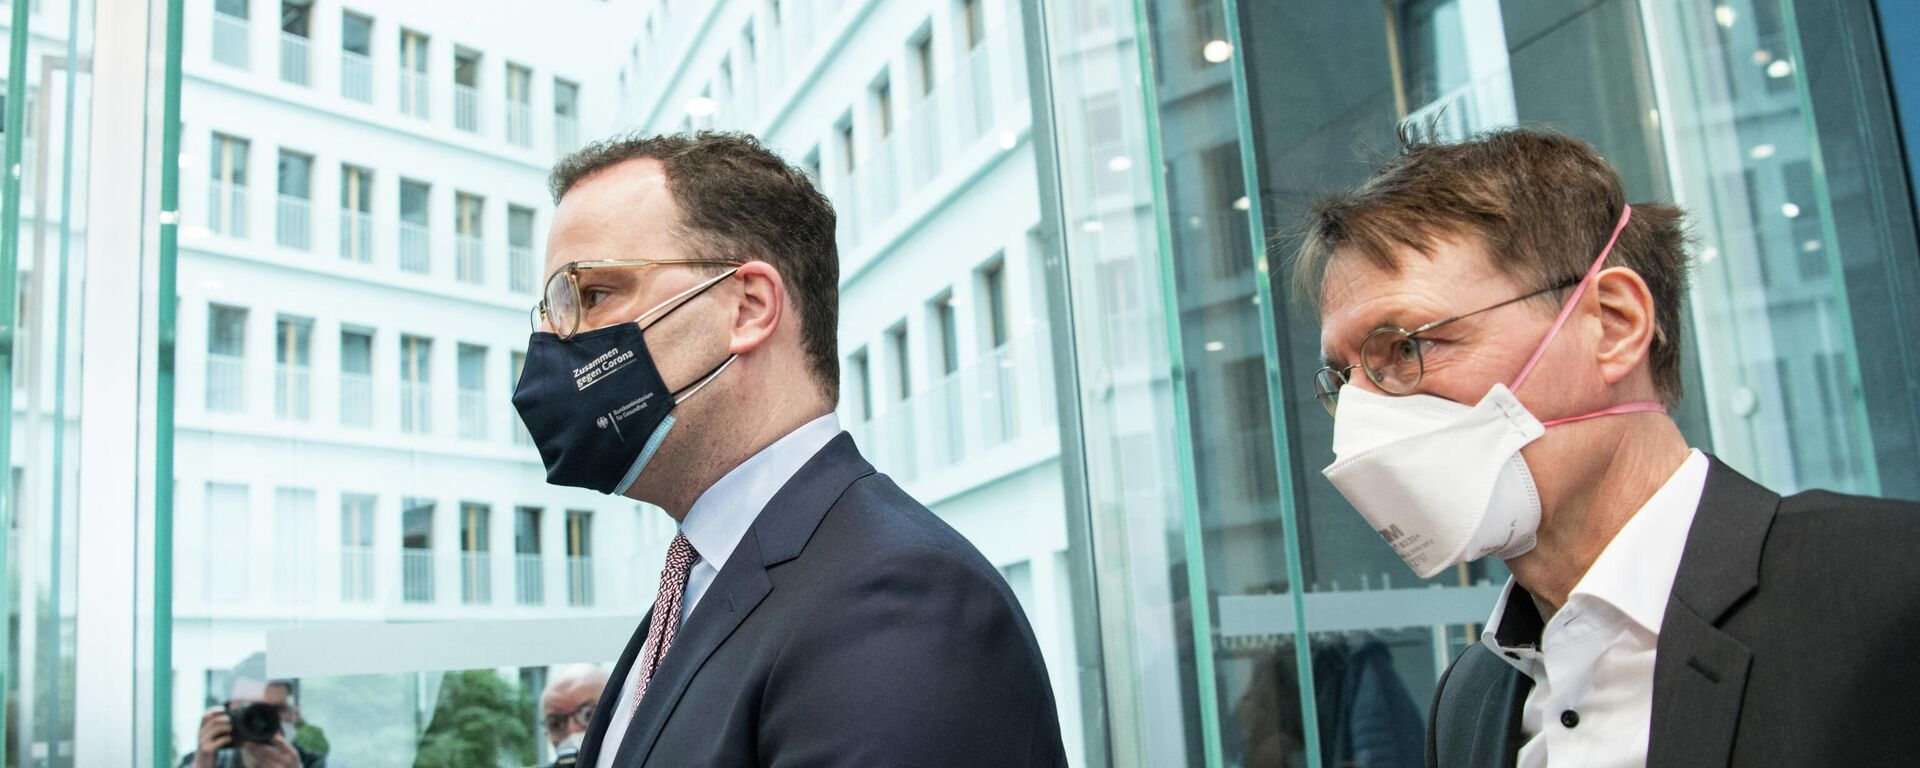 Bundesgesundheitsminister Jens Spahn und der deutsche Gesundheitsexperte Karl Lauterbach nach einer Pressekonferenz am 19. März 2021 in Berlin inmitten der COVID-19-Pandemie. Symbolfoto - SNA, 1920, 10.07.2021